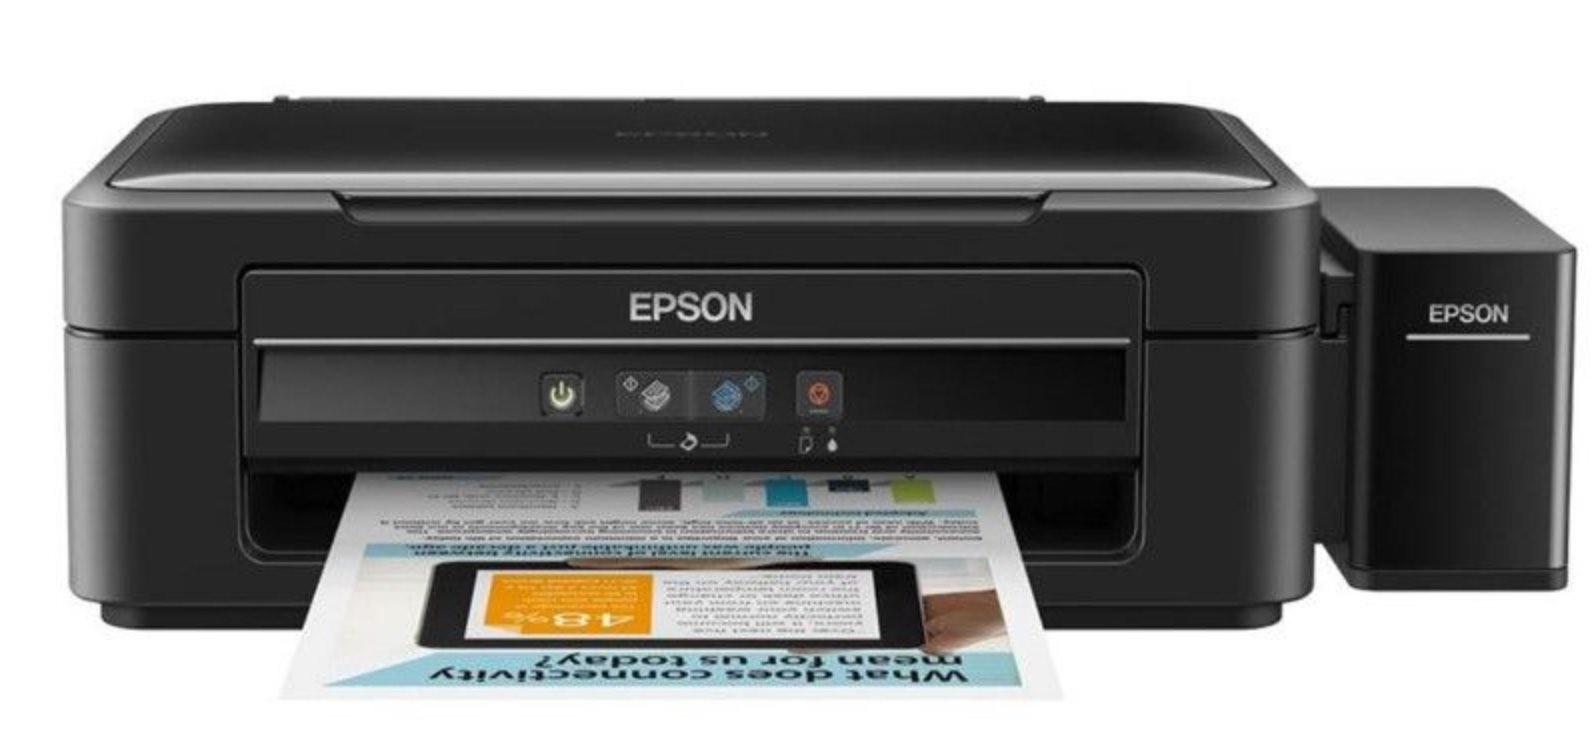 Cara Reset Printer Epson L360 Manual